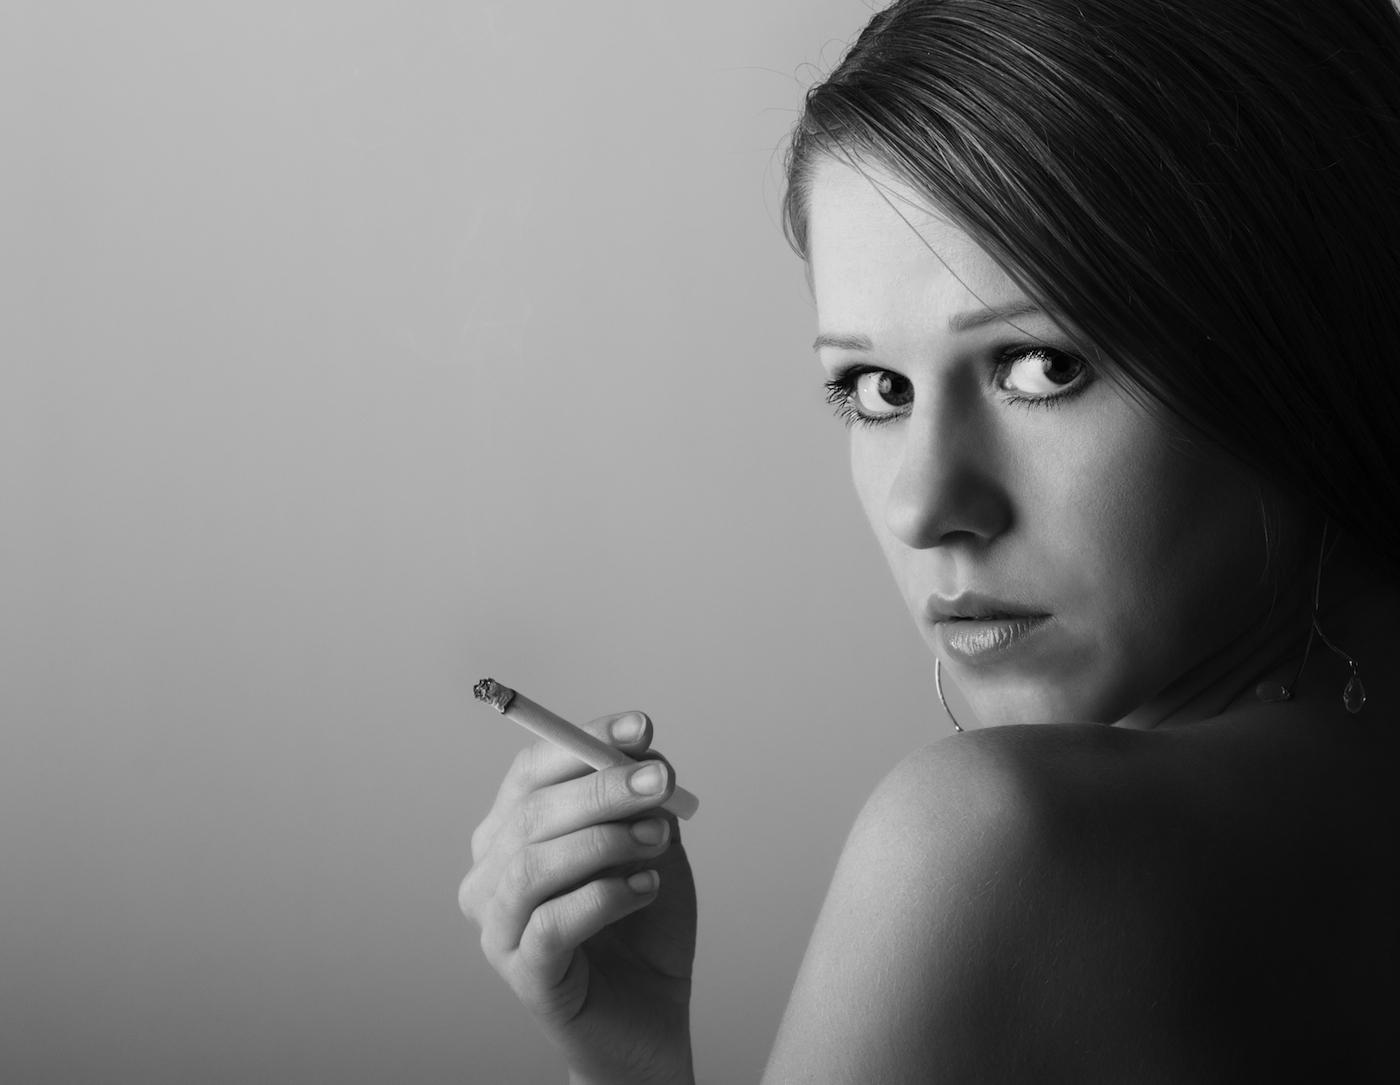 Симпатичные девушки с сигаретой 14 фотография